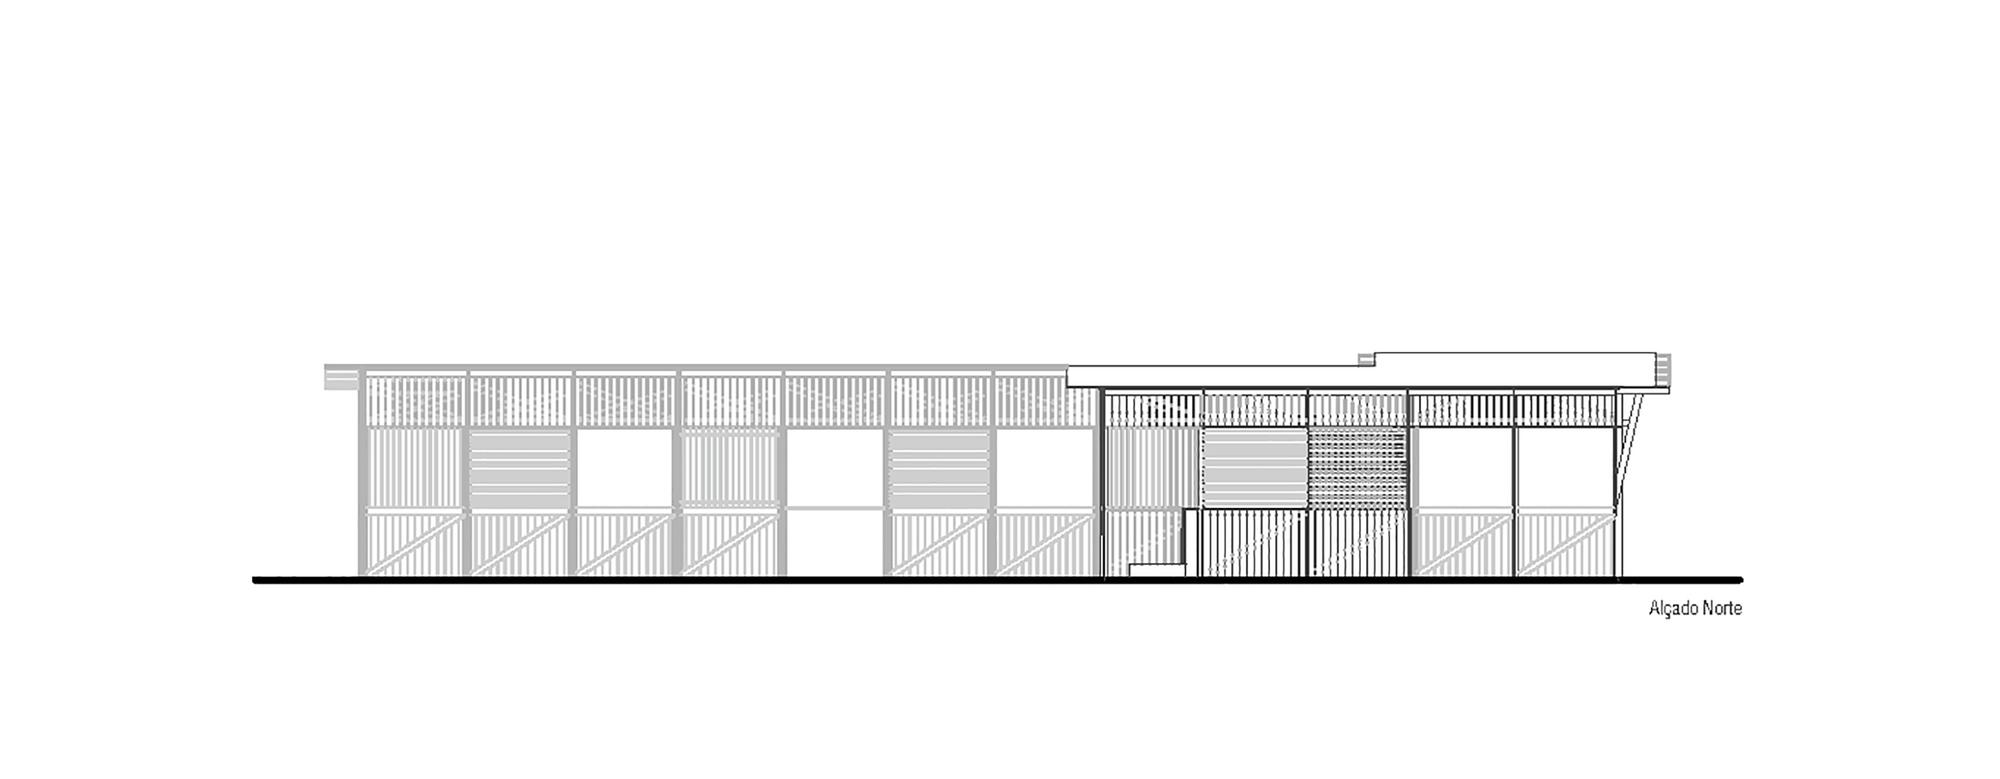 Galeria de Cozinha Comunitária das Terras da Costa / ateliermob  #161616 2000 779